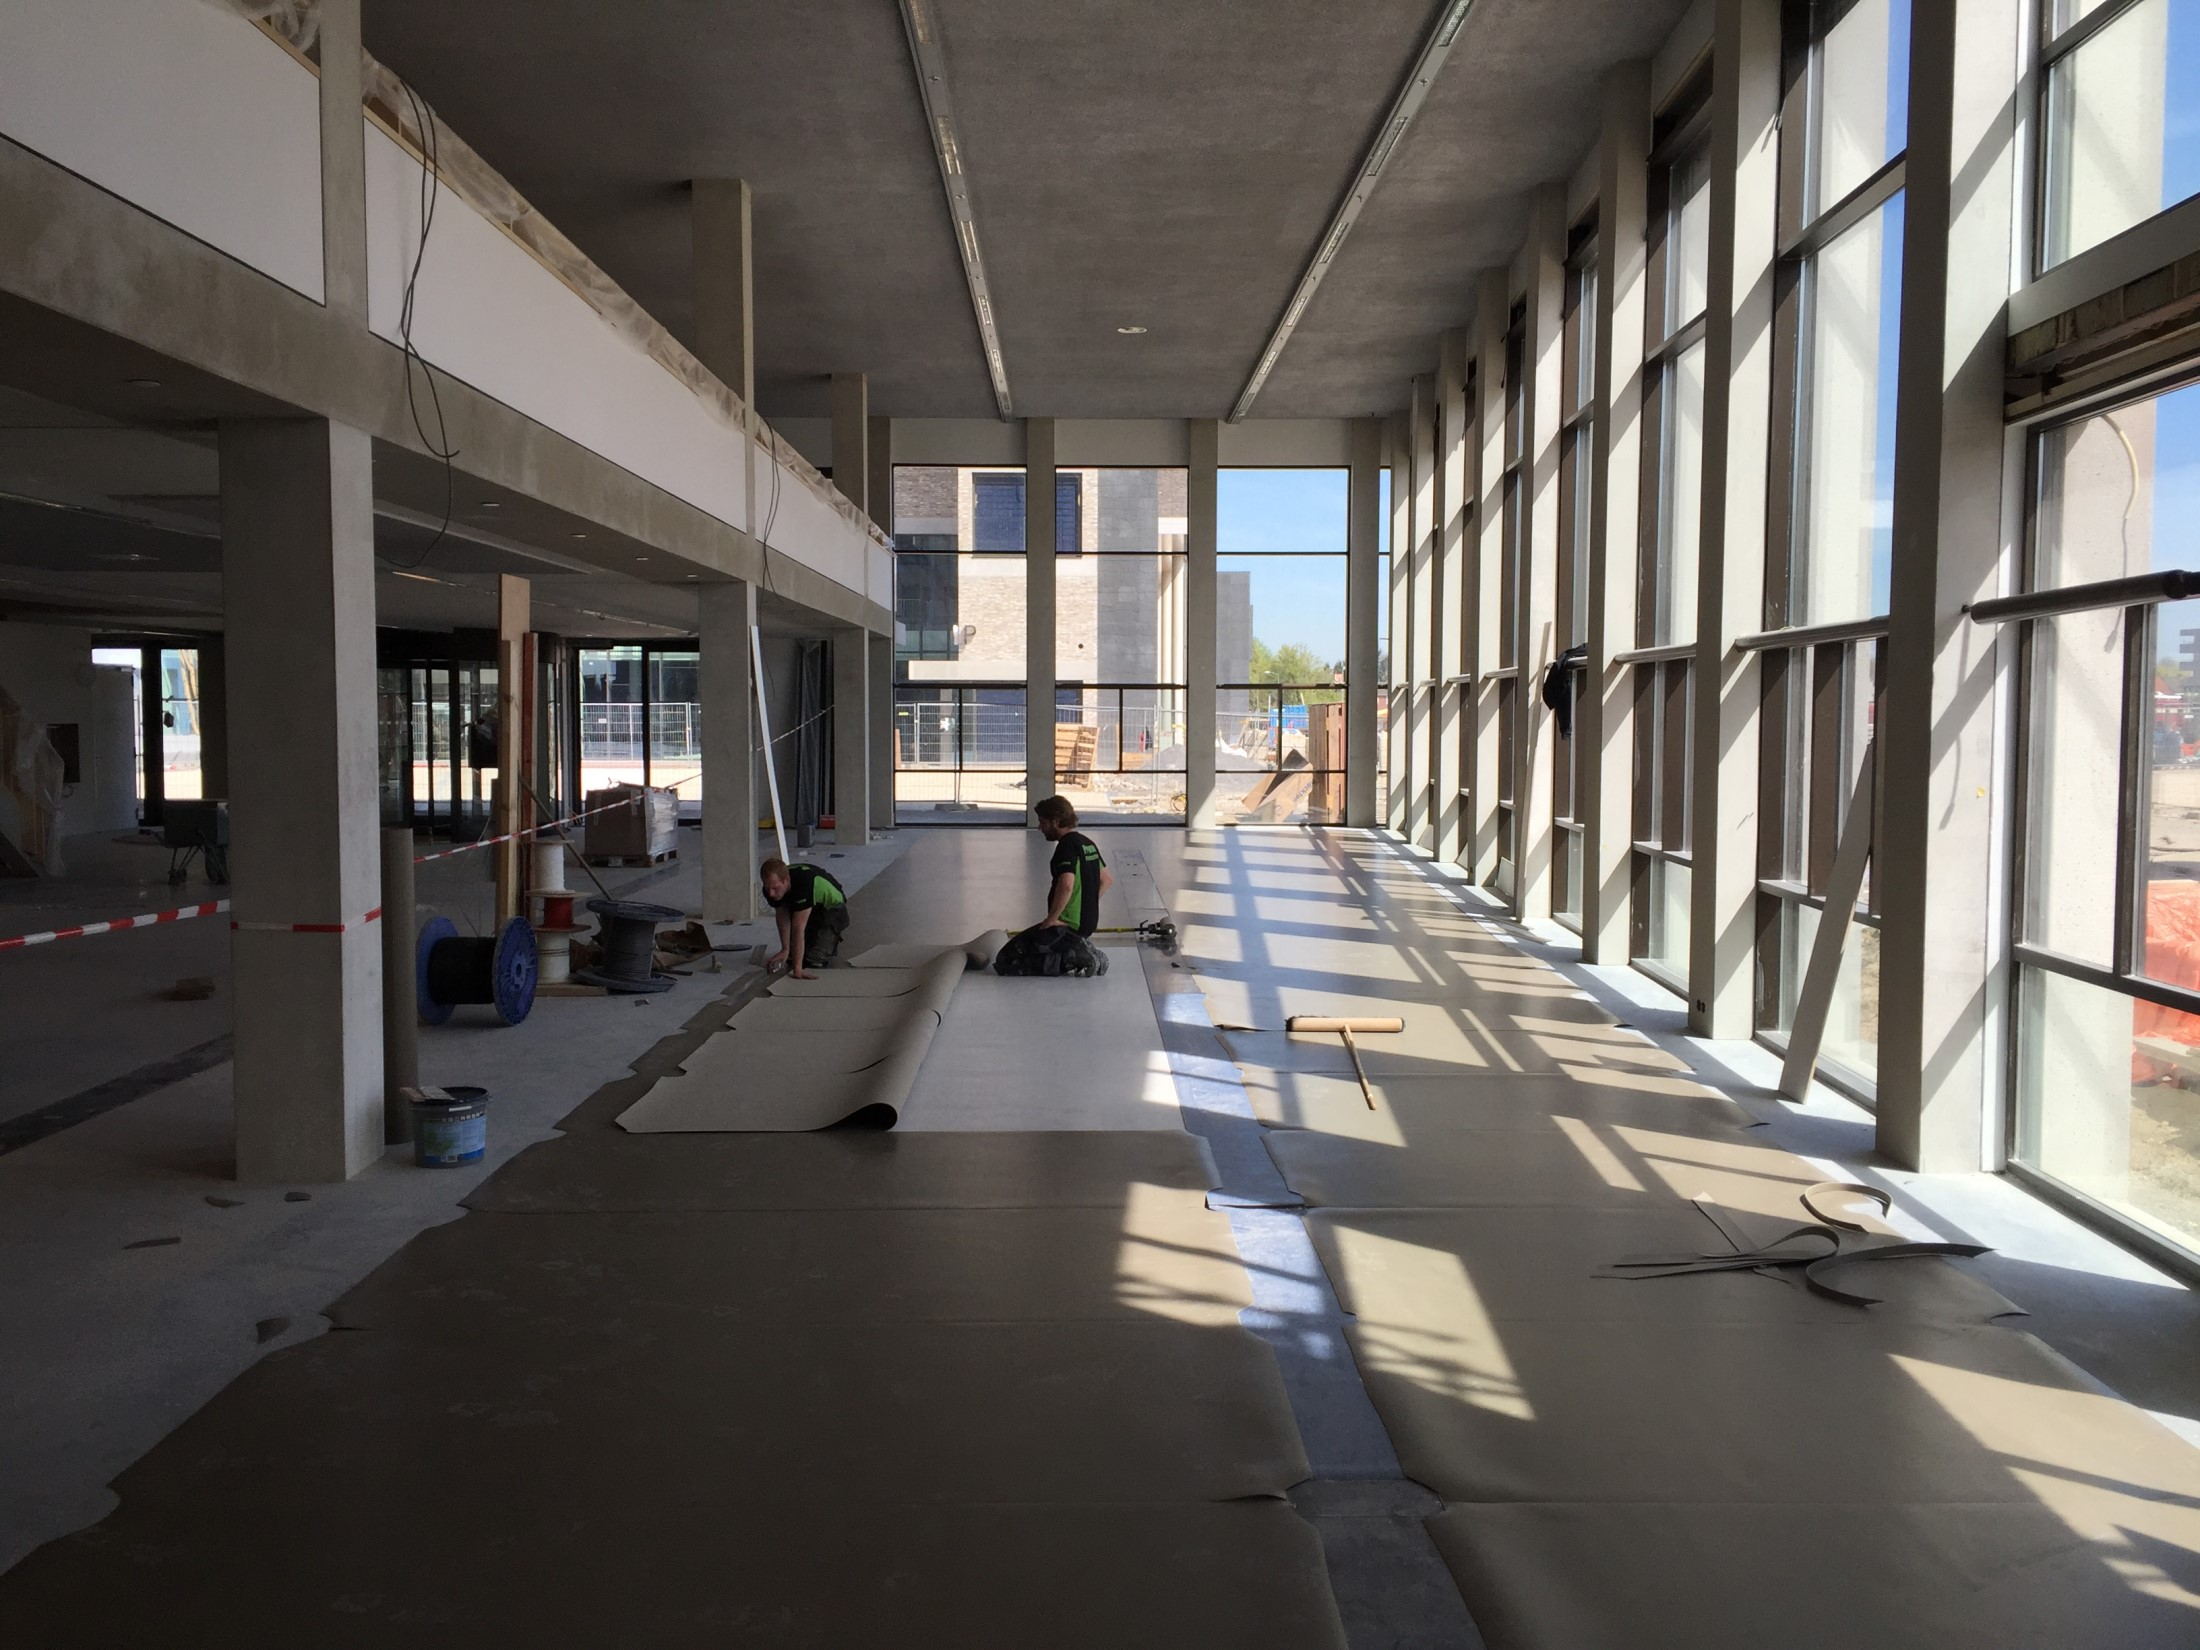 IMG 6783 - Bibliotheek Ligne Sittard